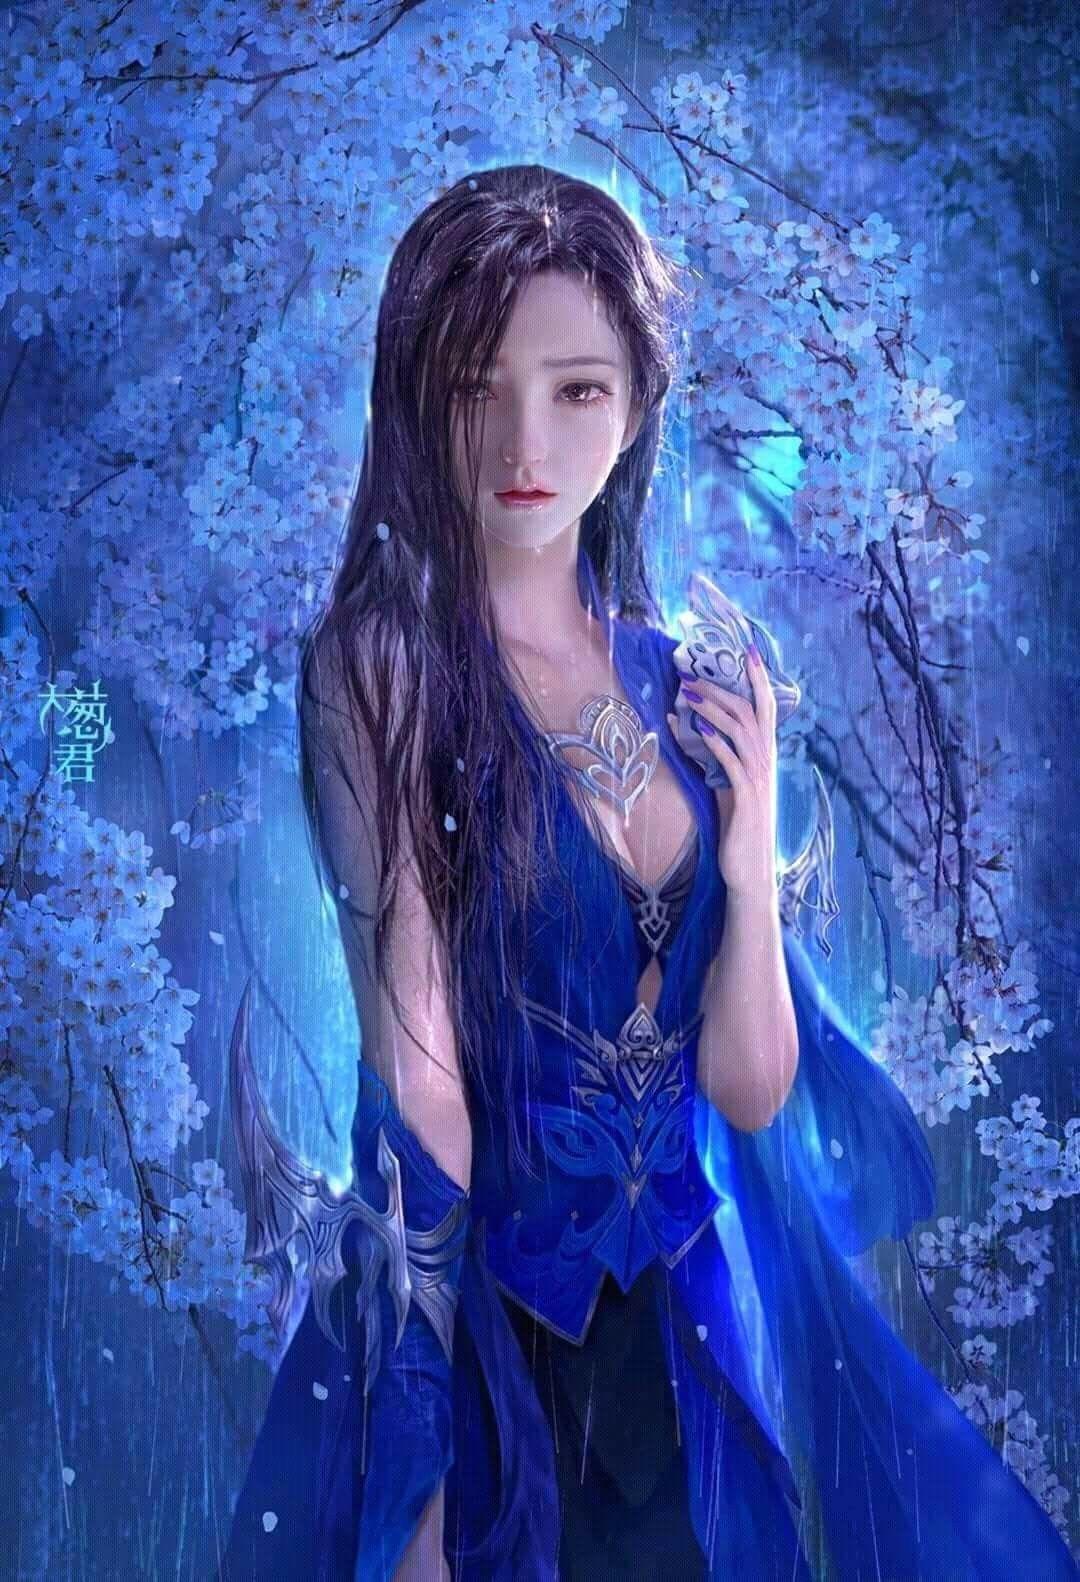 картинки фэнтези красивые китаянки всех эффективных